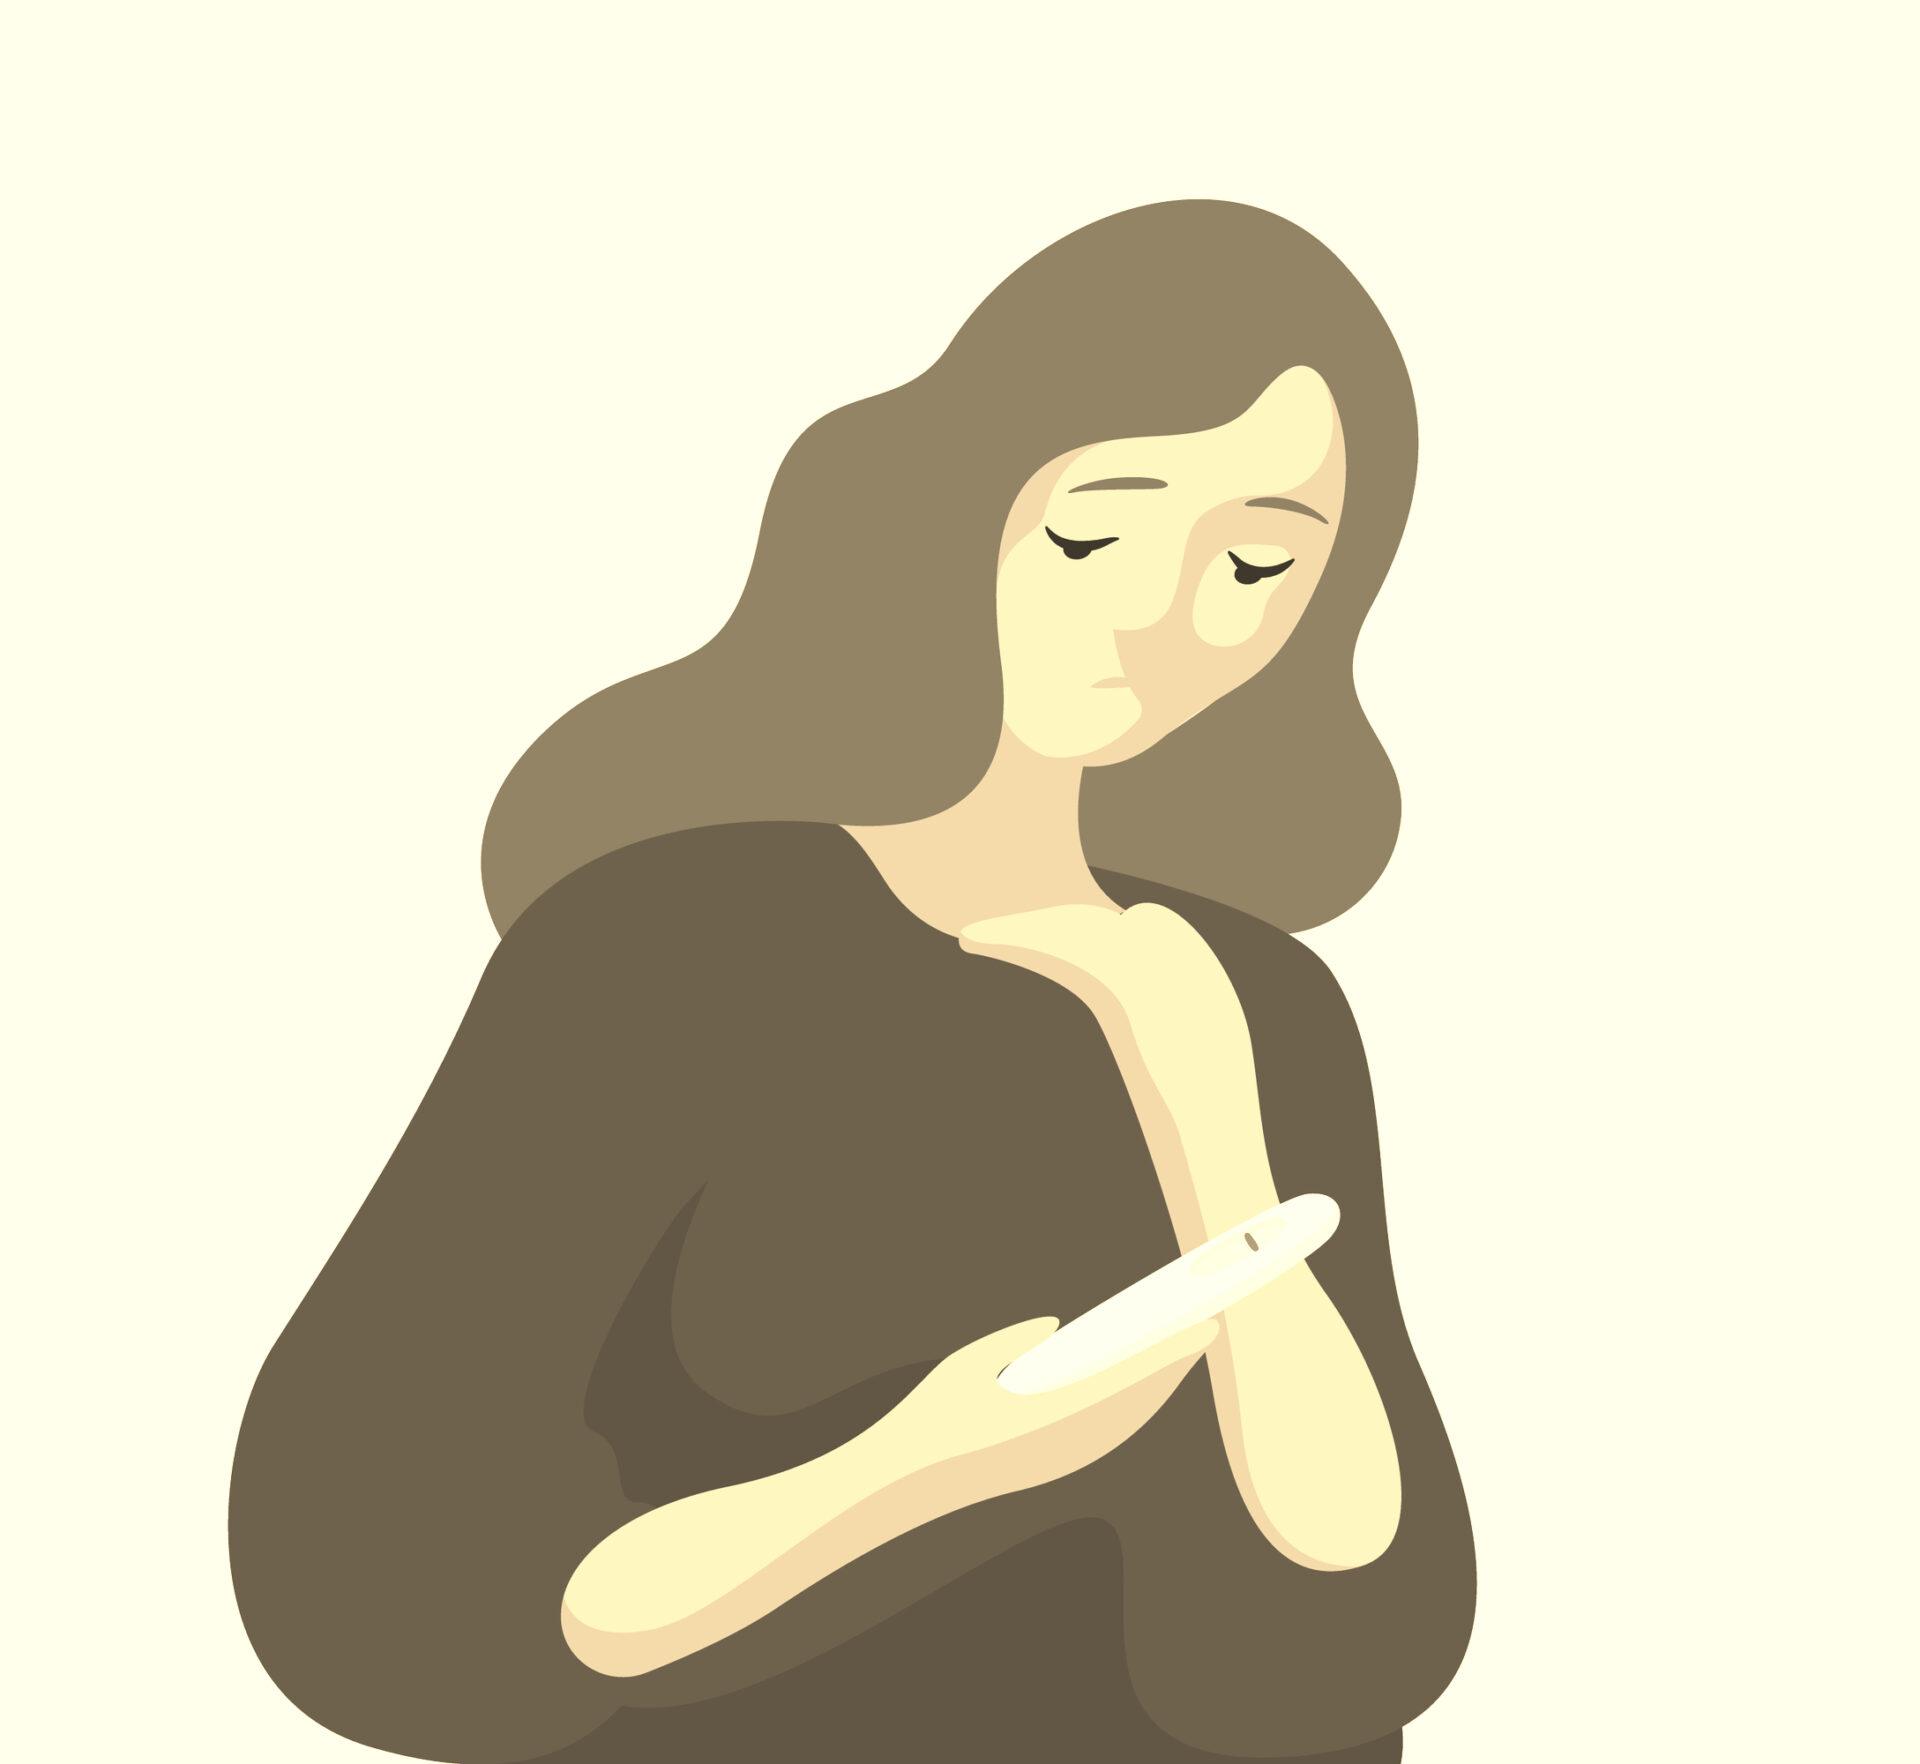 Sarcina extrauterină sau sarcina ectopică are loc atunci când ovulul fecundat nu se implantează în cavitatea uterină. Foto: Shutterstock